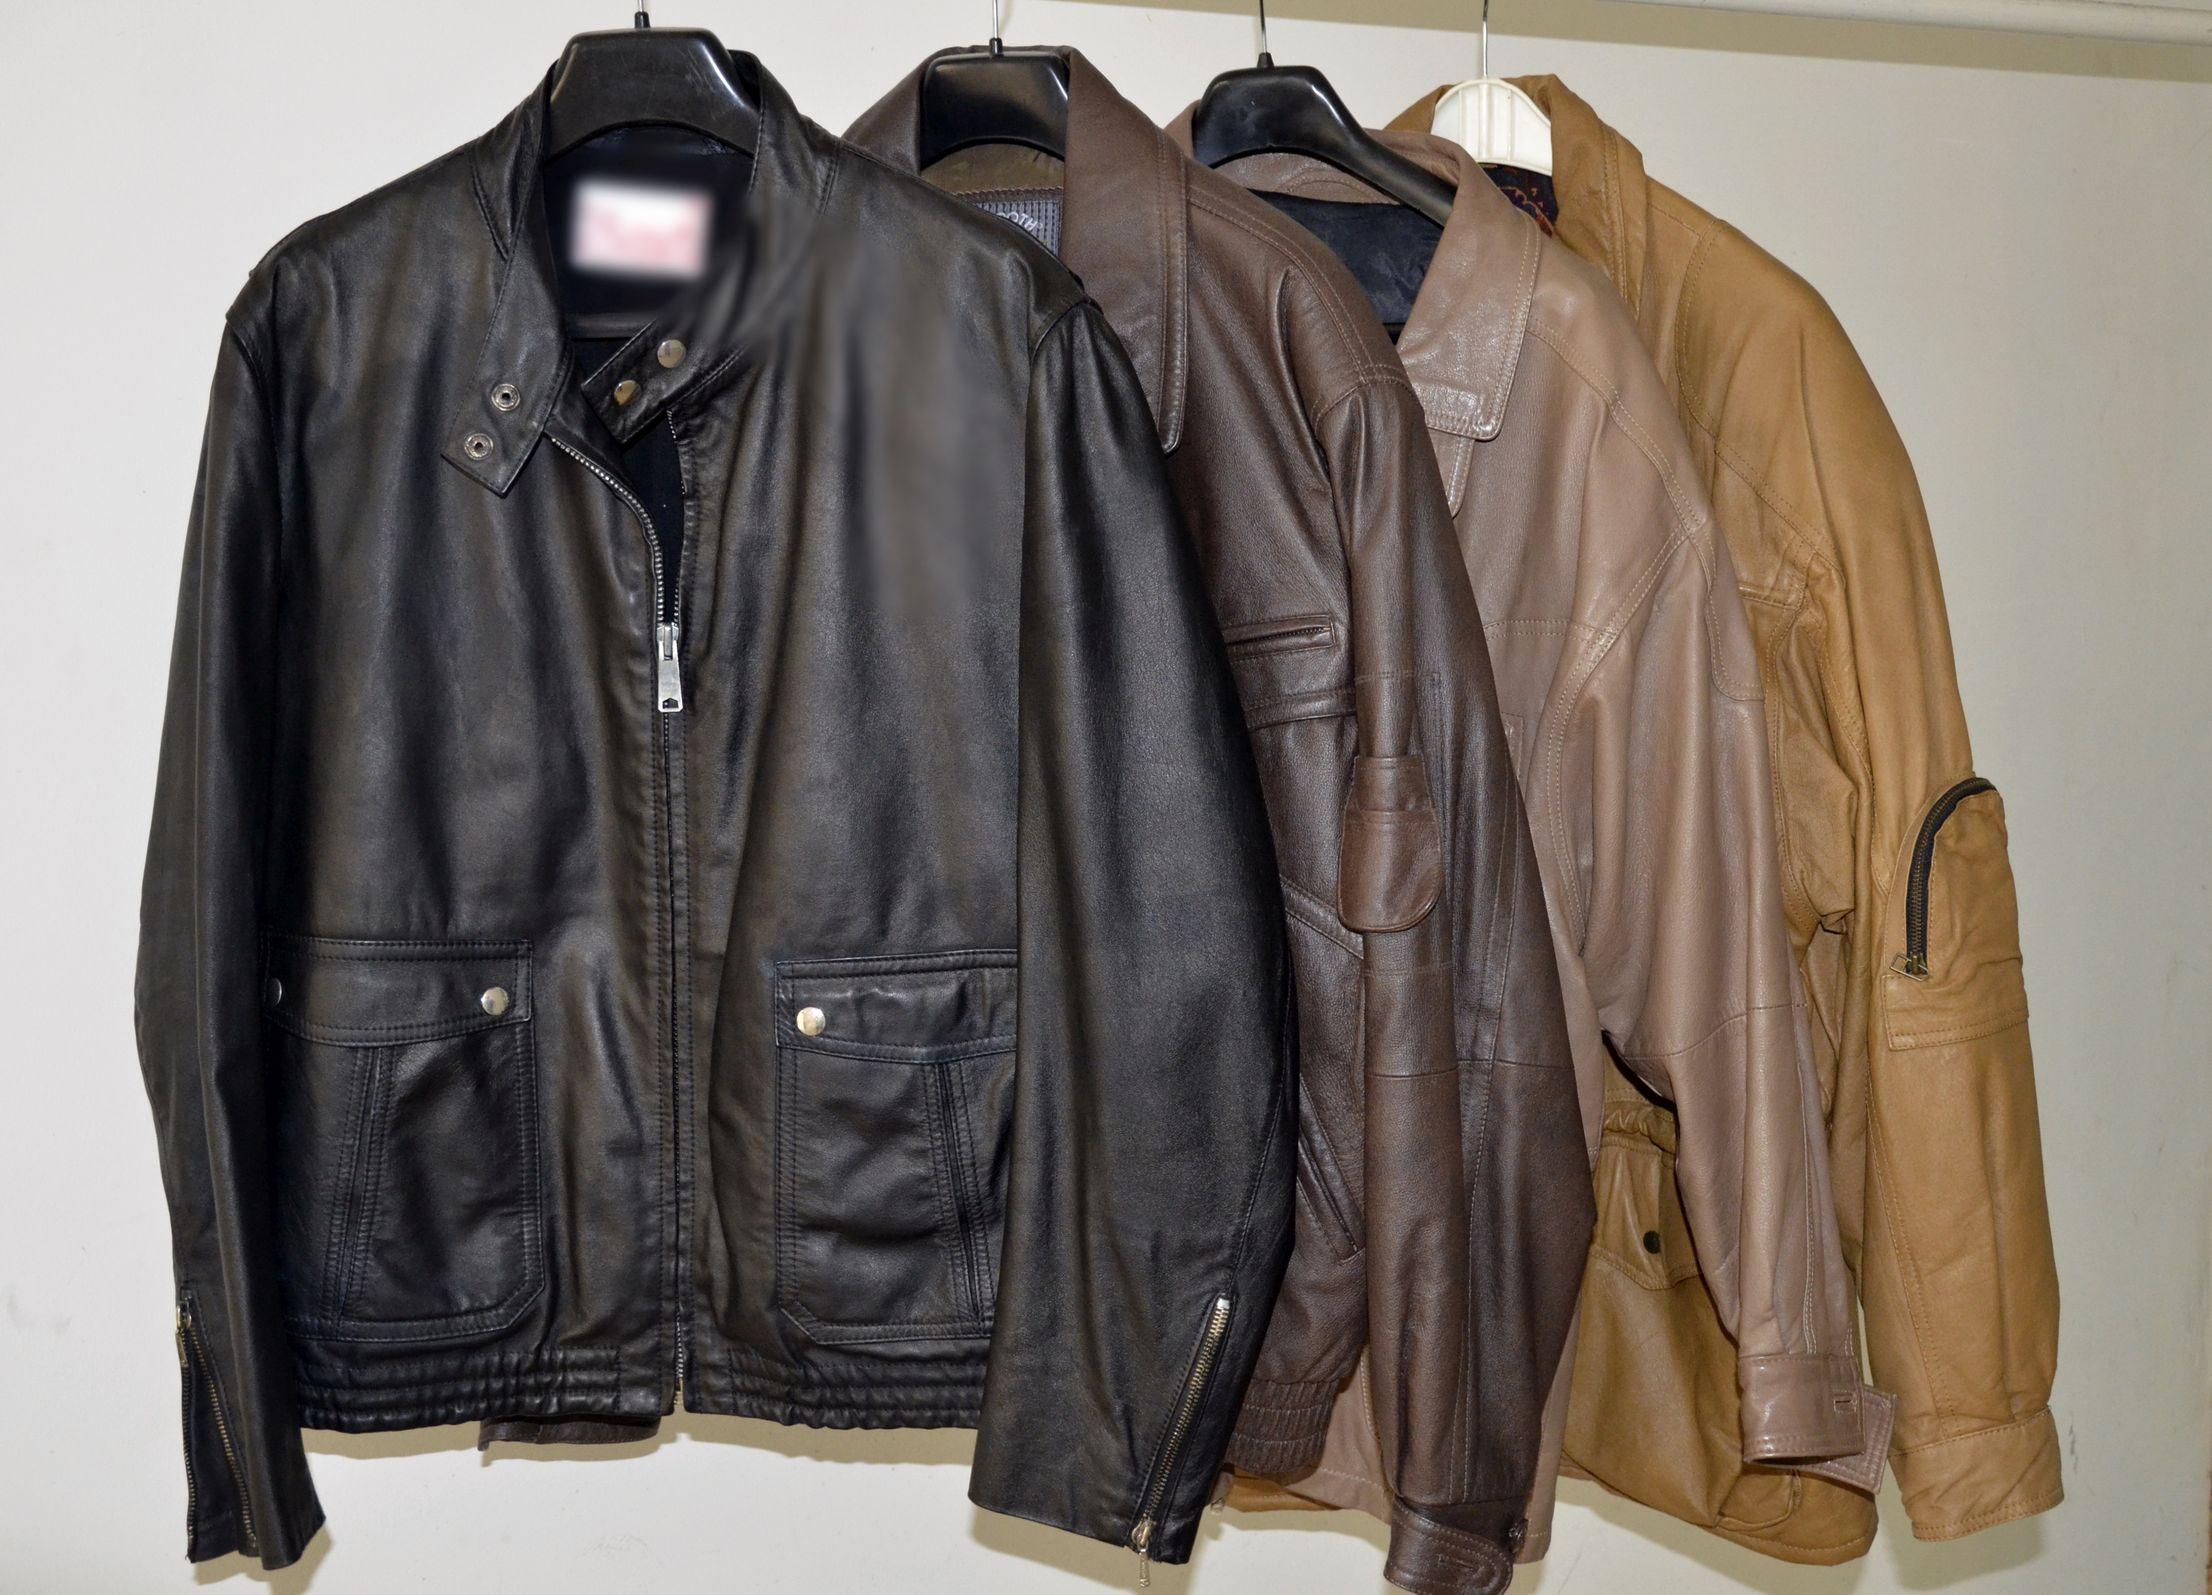 e9a616f1598f ... bőrkabát pécs, bőrkabátok pécs, használt bőrkabát pécs, bőrkabát, használt  bőrkabátok, bőrkabátok ...